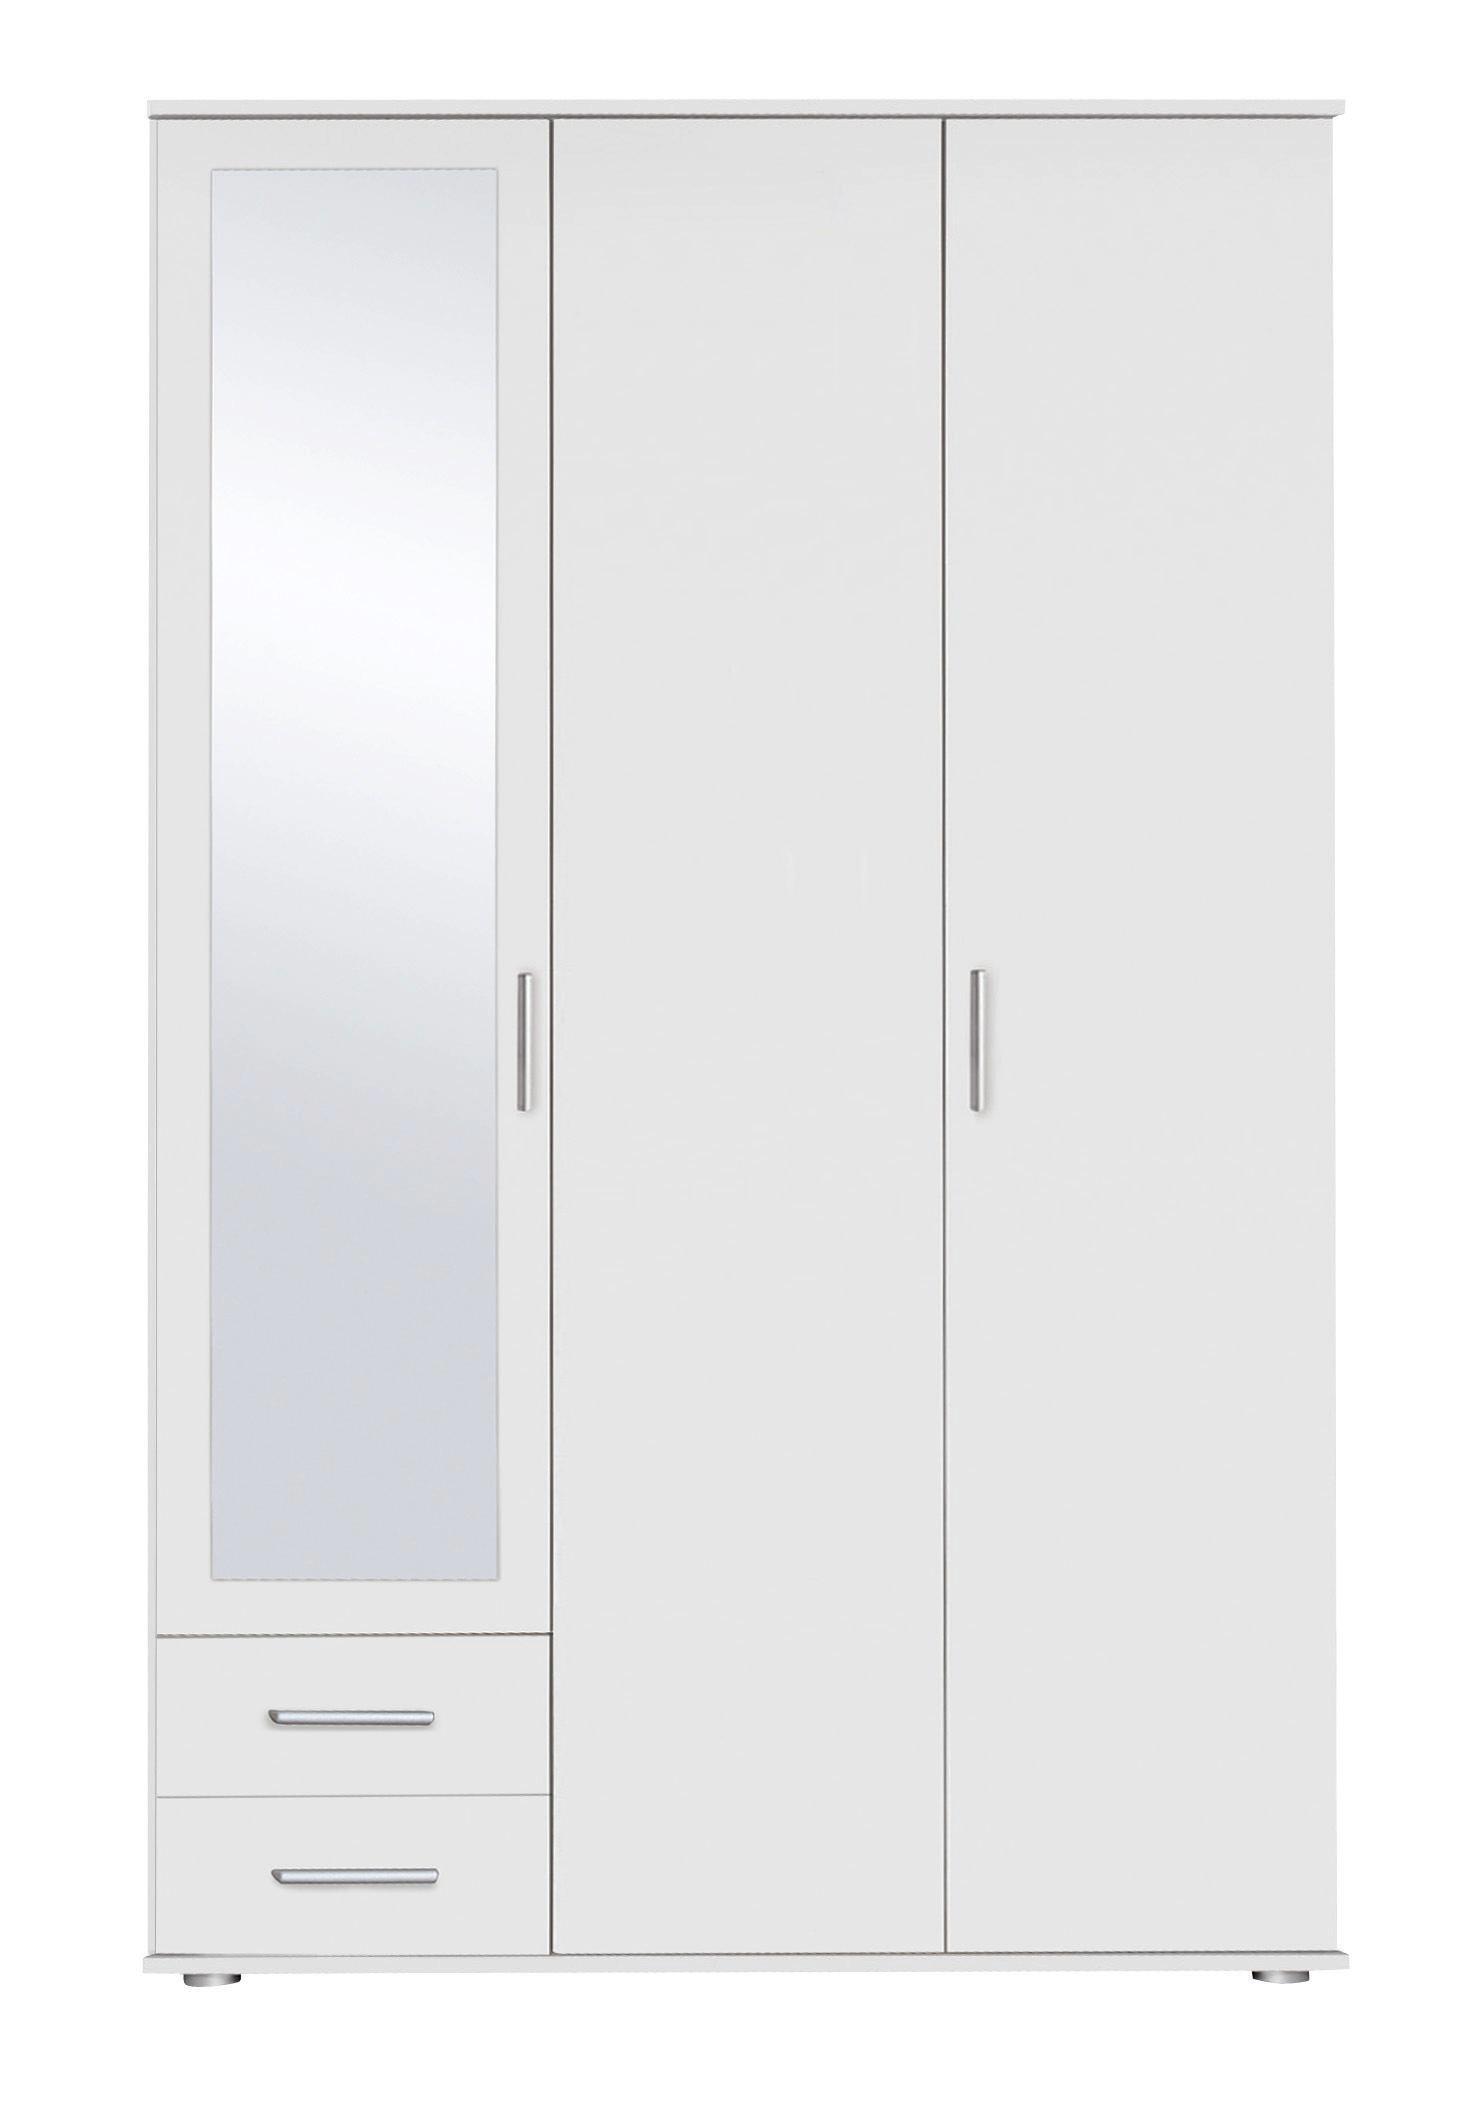 Drehtürenschrank in Alpinweiß - Alufarben/Weiß, MODERN, Holzwerkstoff/Kunststoff (127/188/52cm) - MODERN LIVING